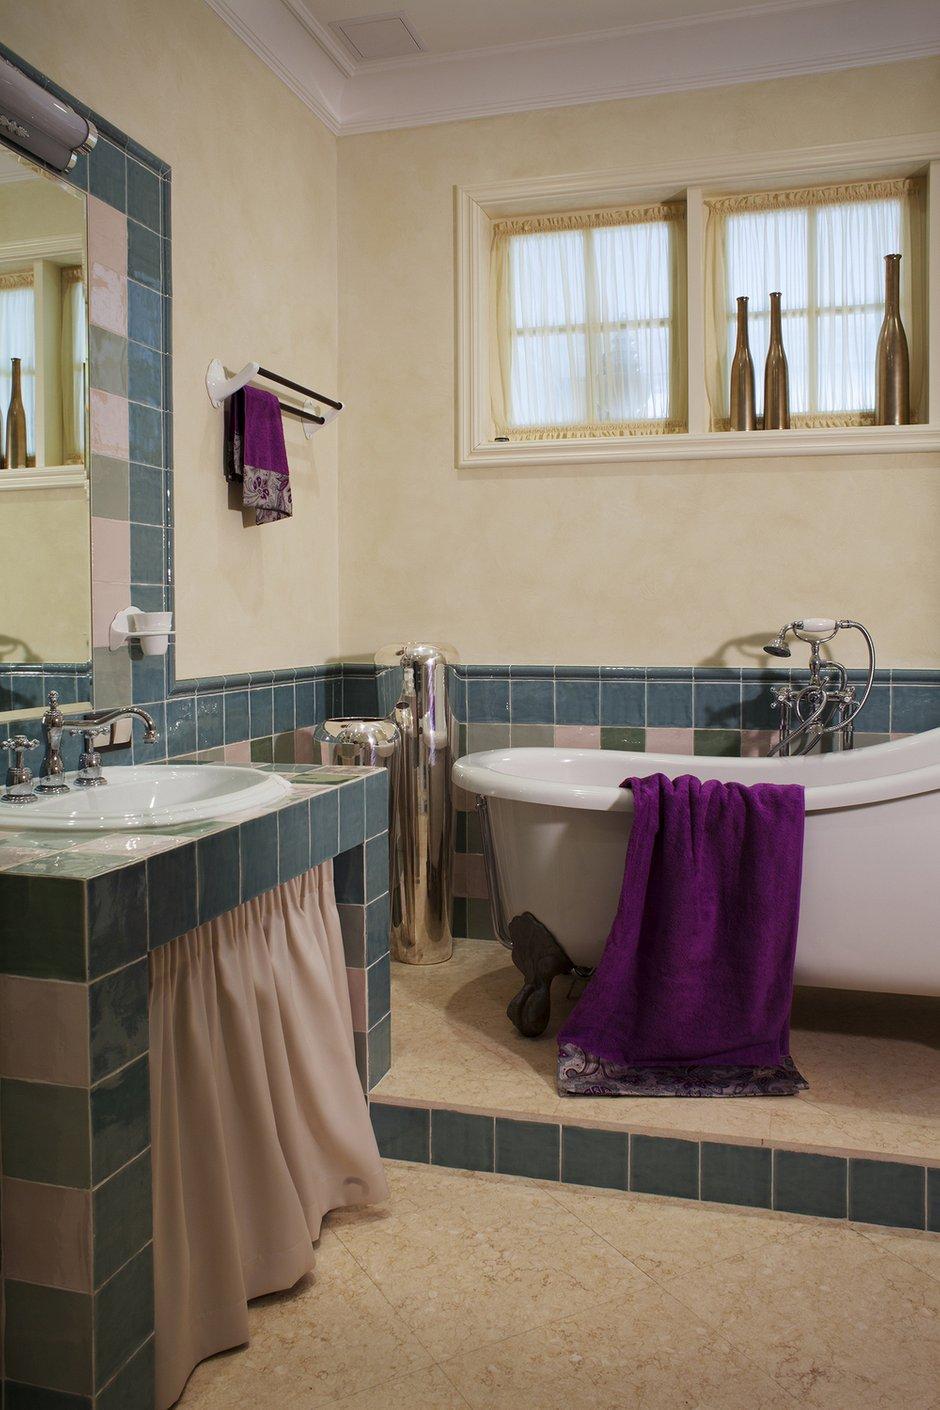 Фотография: Ванная в стиле Прованс и Кантри, Современный, Декор интерьера, Квартира, Guadarte, Дома и квартиры, Прованс – фото на INMYROOM